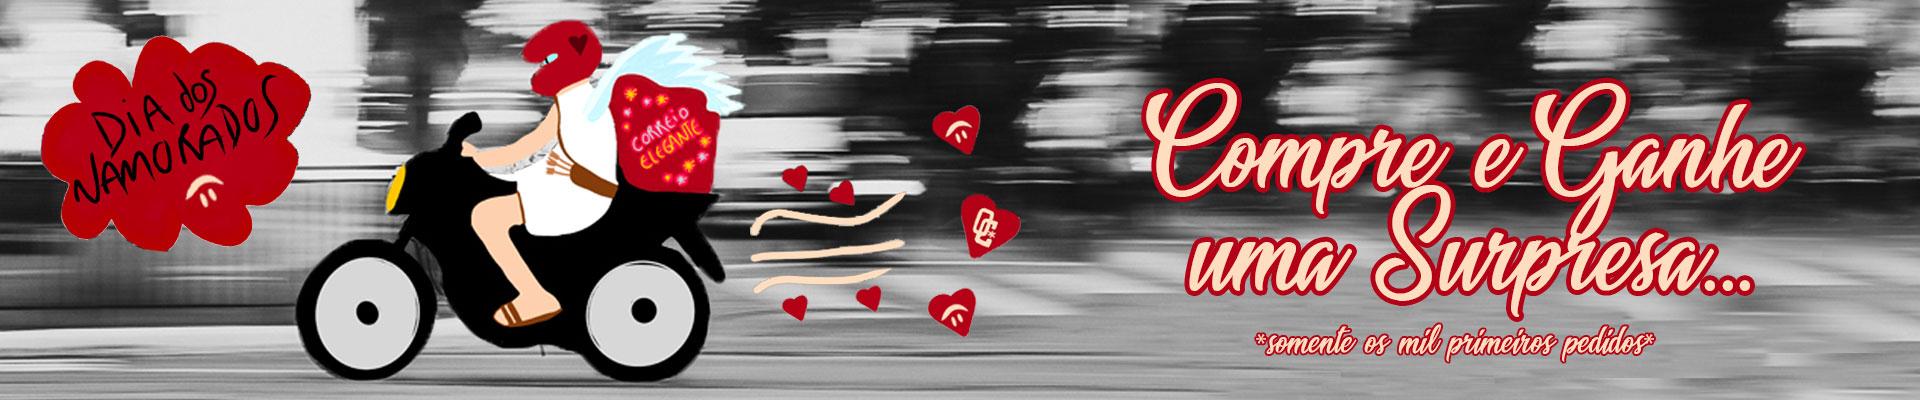 Dia dos Namorados - Overcome